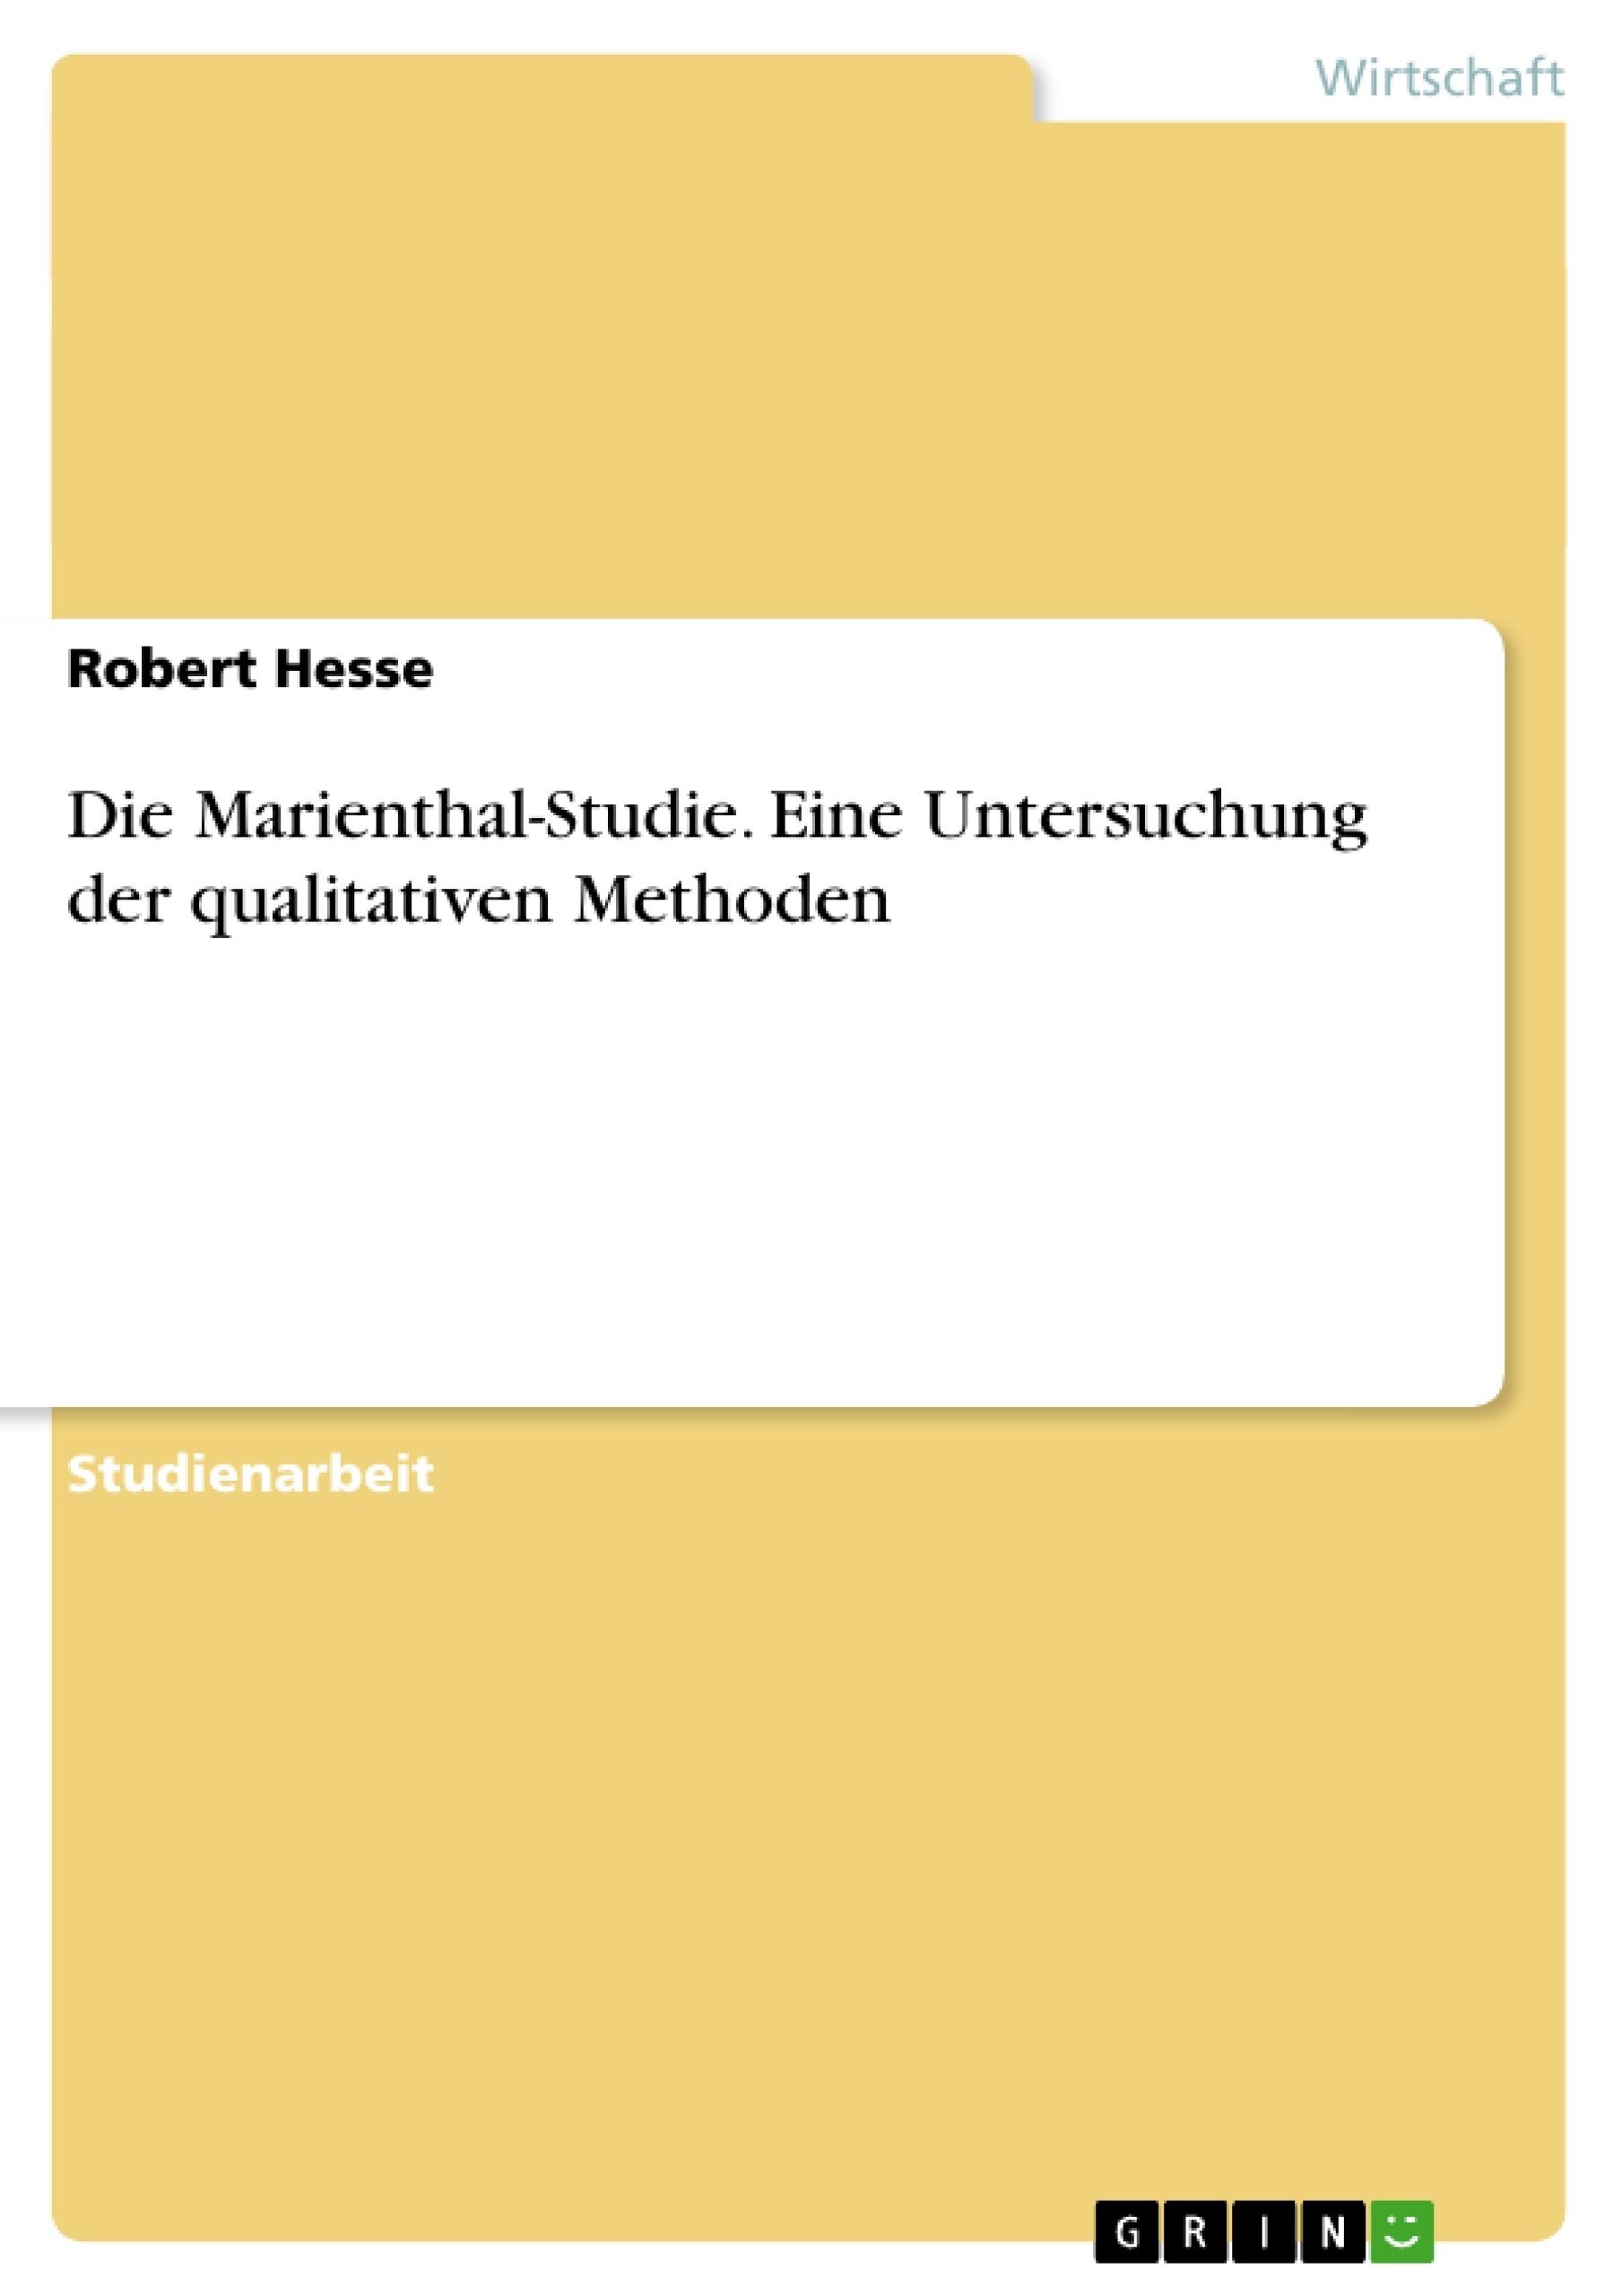 Titel: Die Marienthal-Studie. Eine Untersuchung der qualitativen Methoden